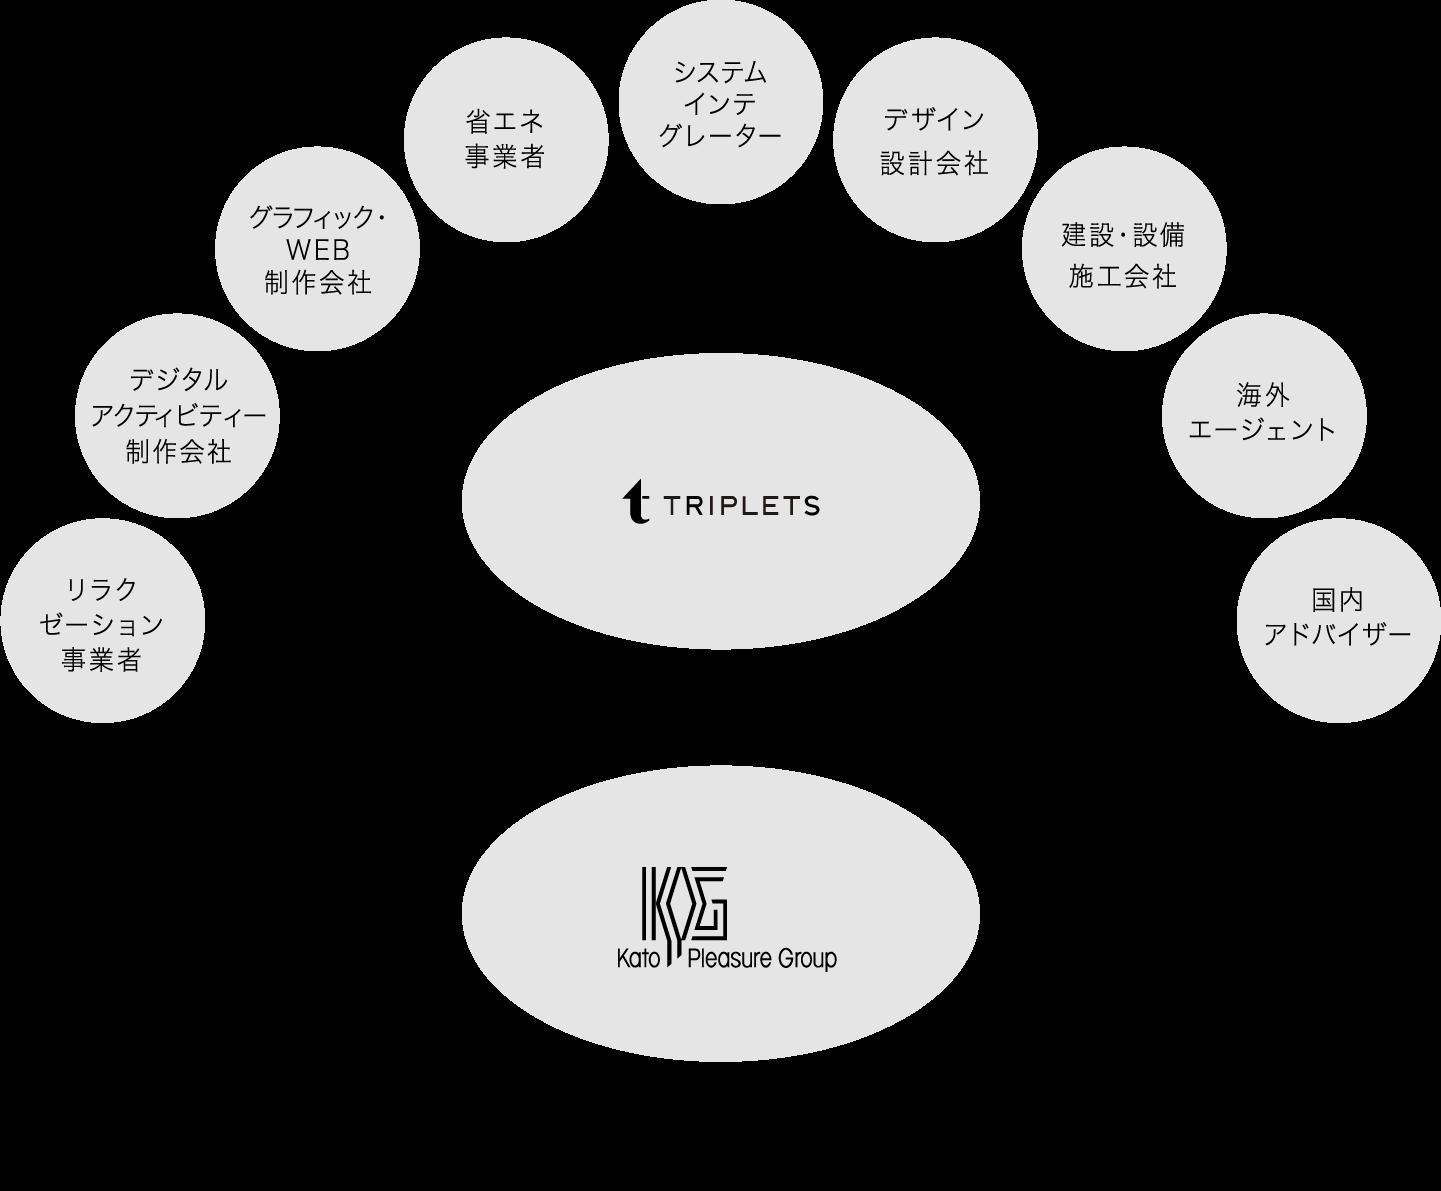 国内外飲食事業・公共リゾート・リゾートホテル・旅館・スパ・不動産管理 ←→ TRIPLETS → リラクゼーション、デジタルアクティビティー制作会社、グラフィック・WEB制作会社、省エネ事業者、システムインテグレーター、デザイン設計会社、建設・設備施工会社、海外エージェント、国内アドバイザー